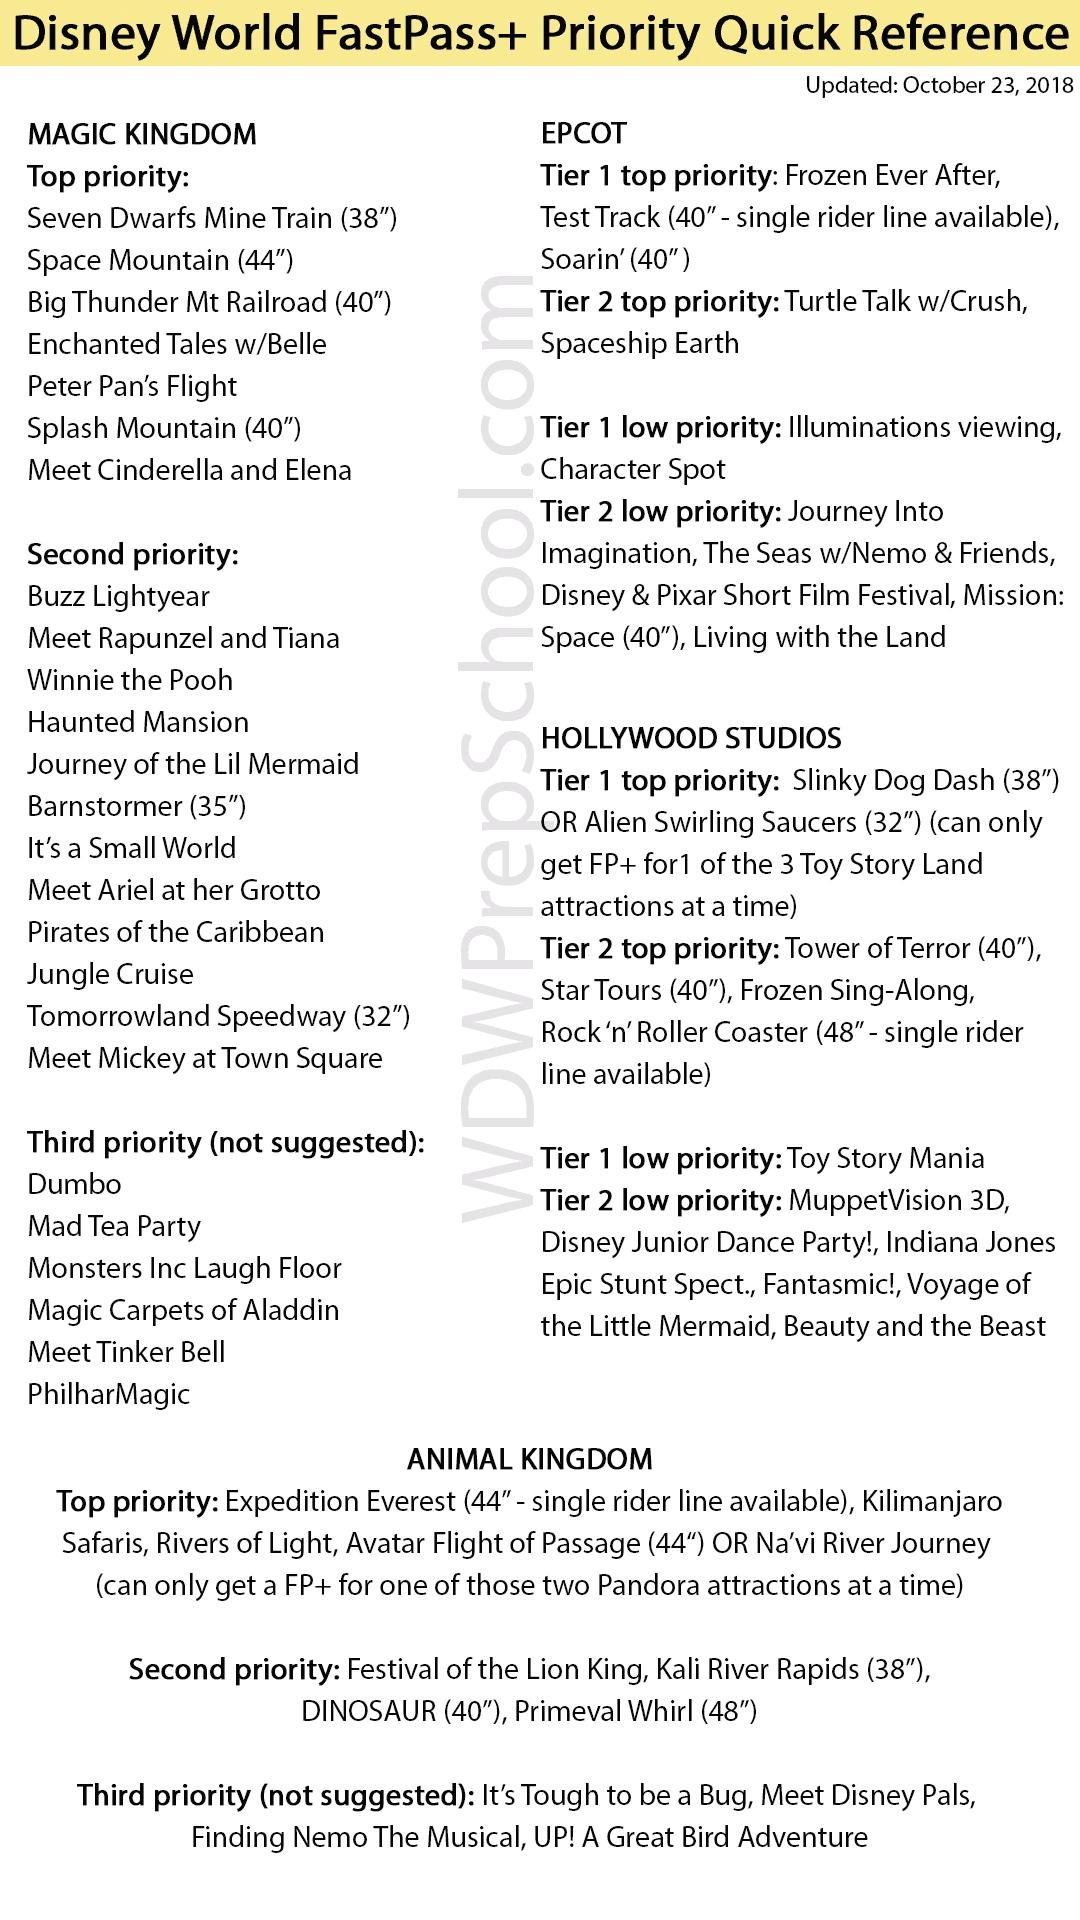 Free Disney World Attraction Checklist 2021 - Template  Printable Attraction List Disney World